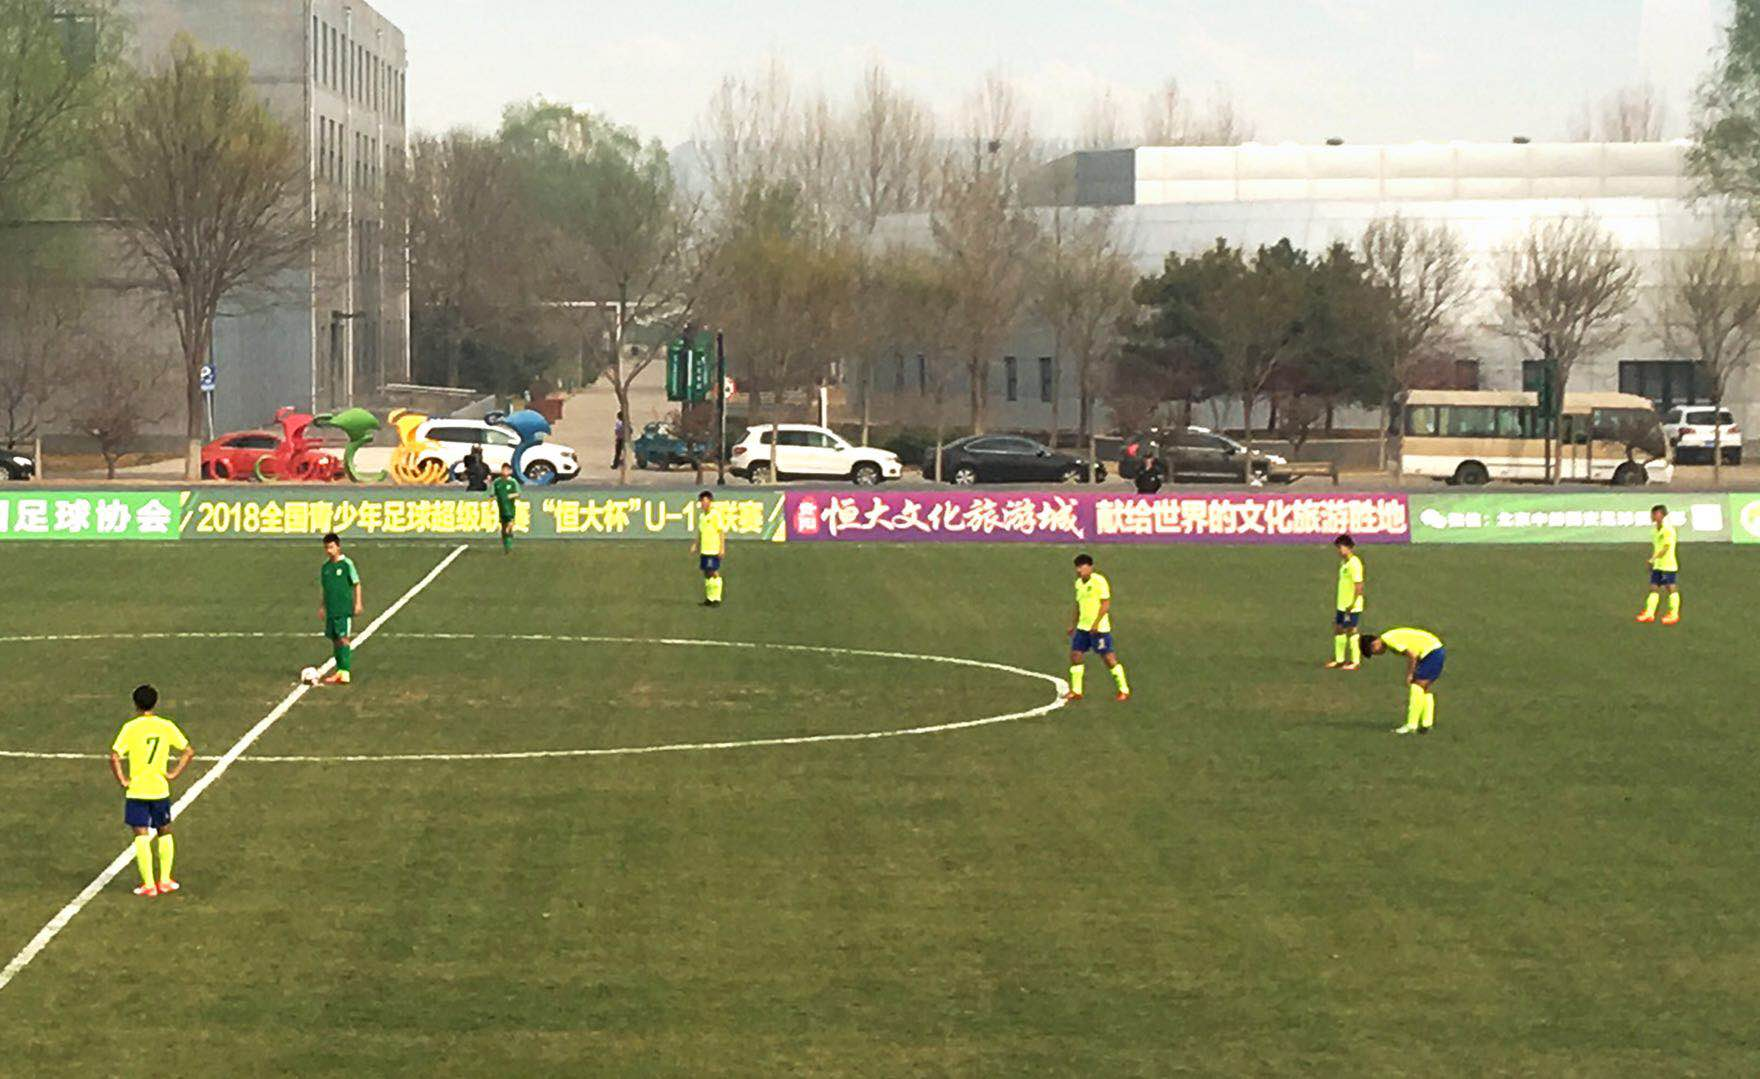 青超联赛今日开幕,恒大集团冠名U17、U19年龄段